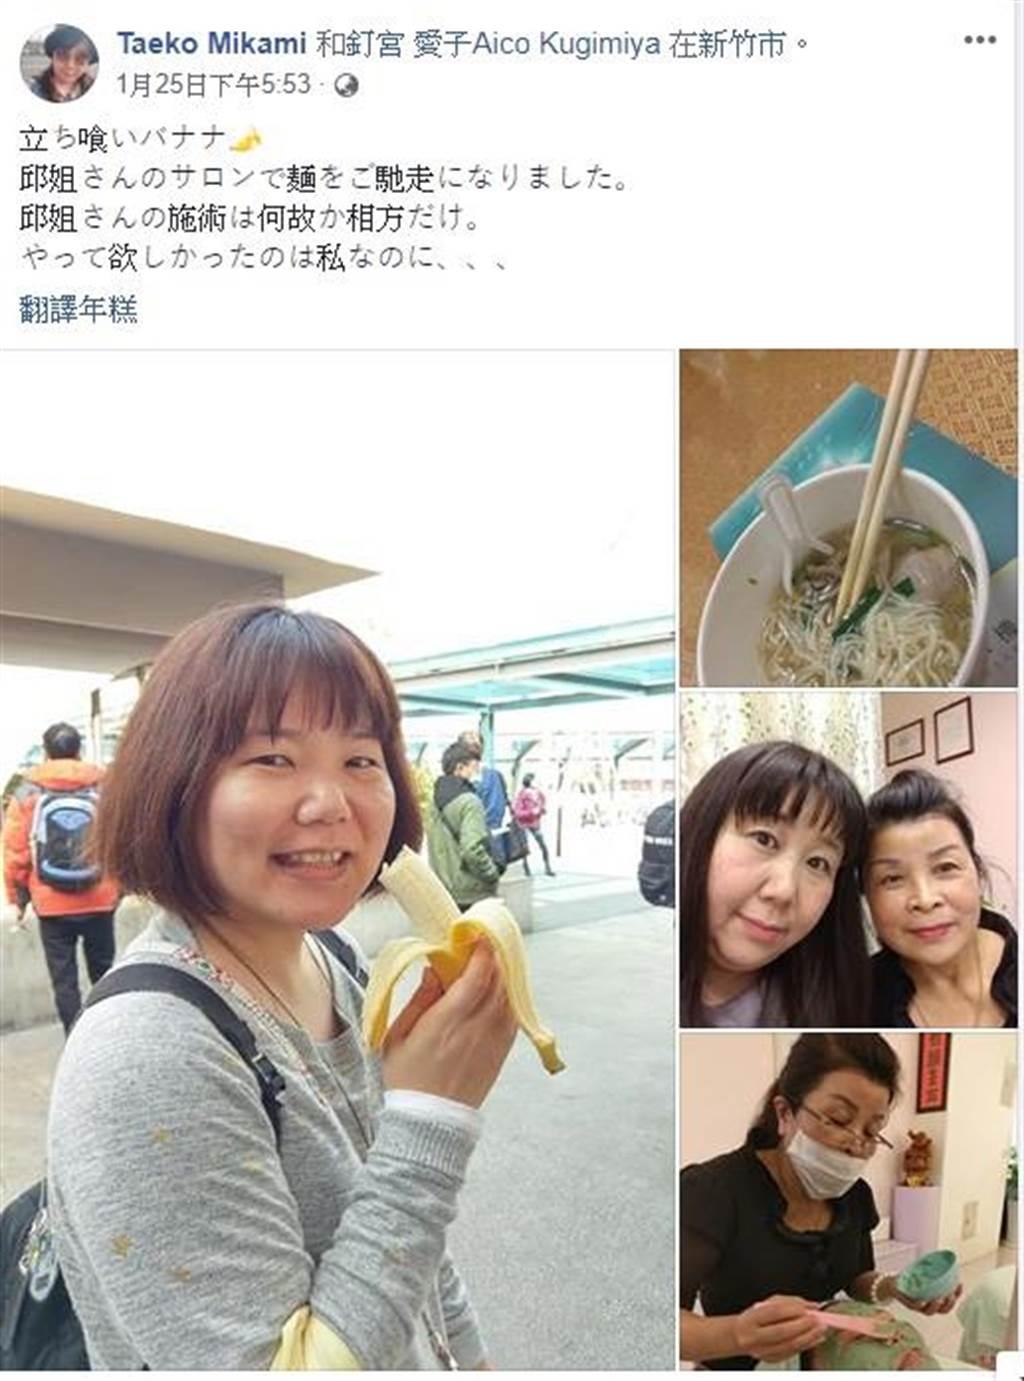 宇宙人紅到日本女粉絲獲邀來台追星,站著吃了一根香蕉,在臉書上感謝台灣。(吳家詮翻攝)